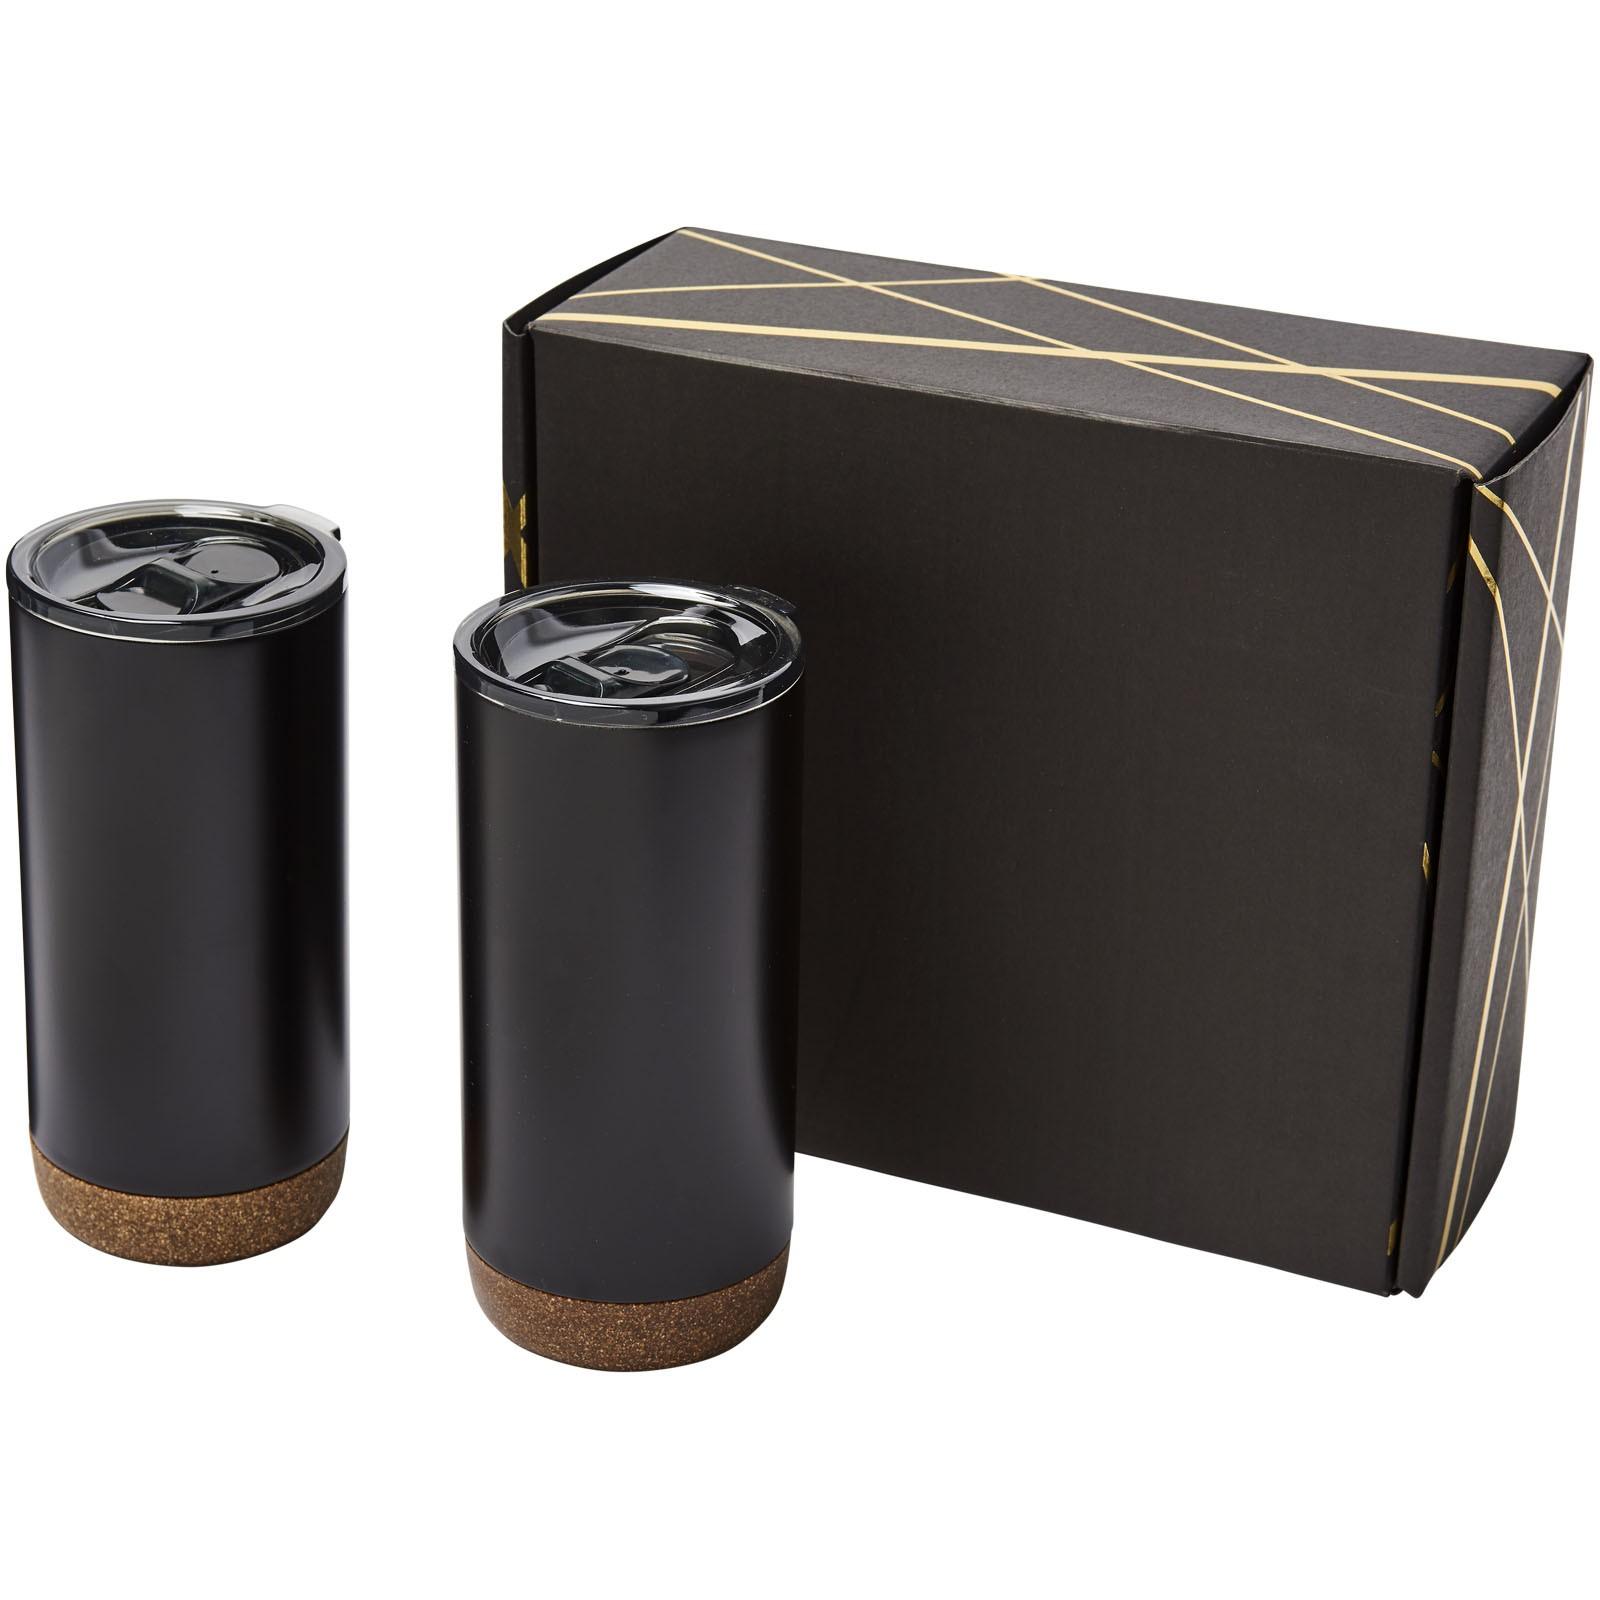 Valhalla tumbler copper vacuum insulated gift set - Solid black